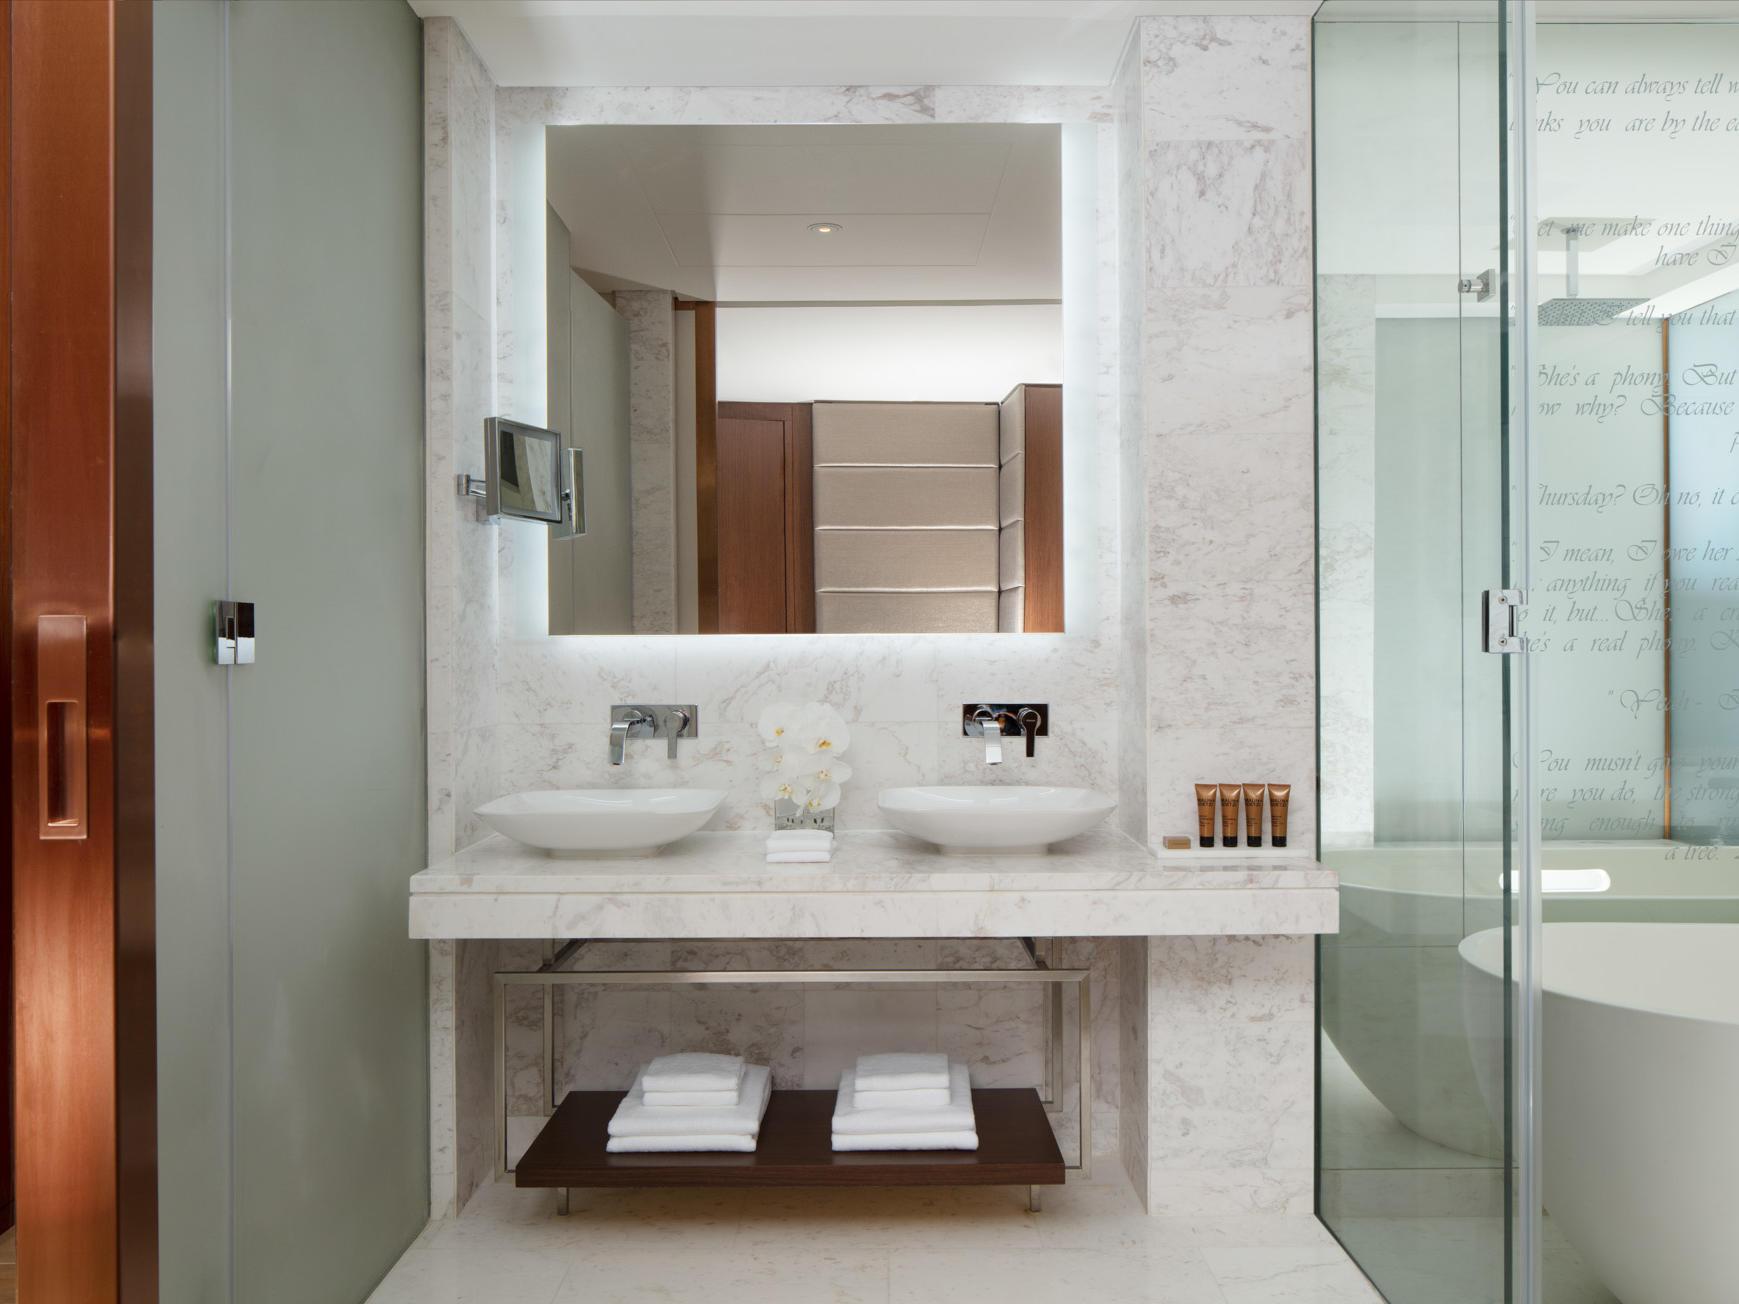 迪拜派拉蒙酒店浴室